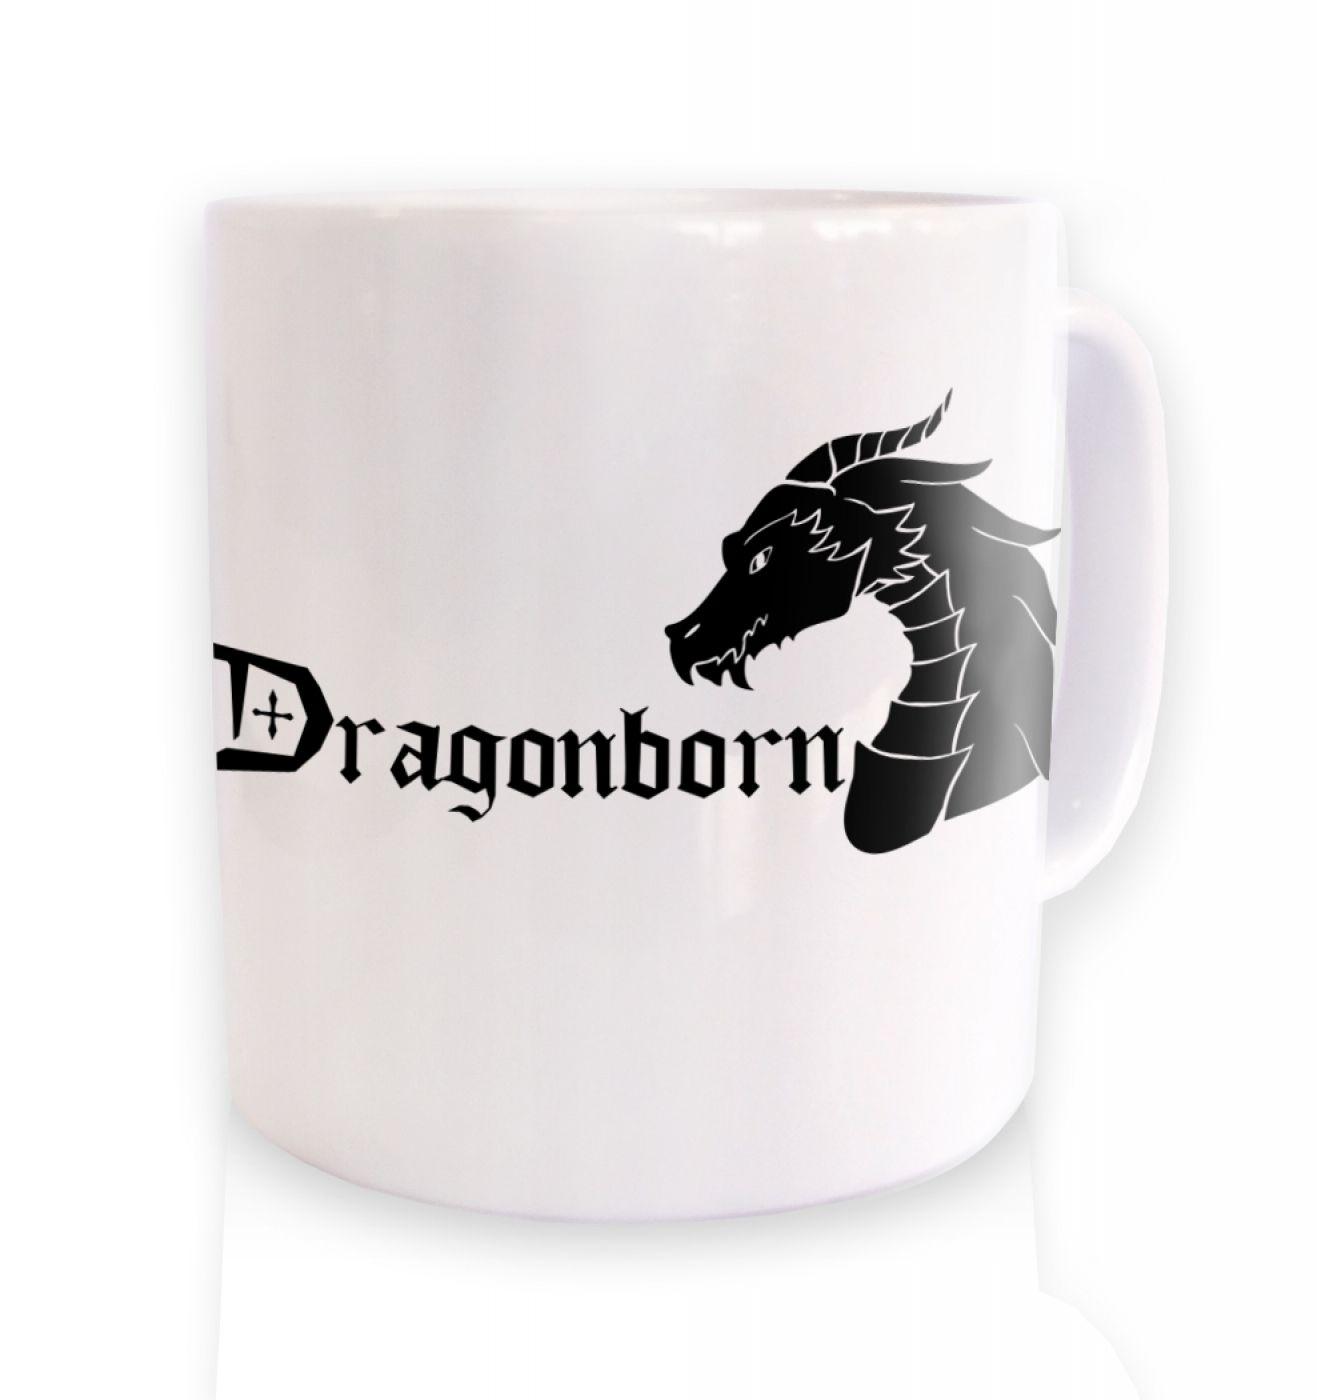 Dragonborn ceramic coffee mug